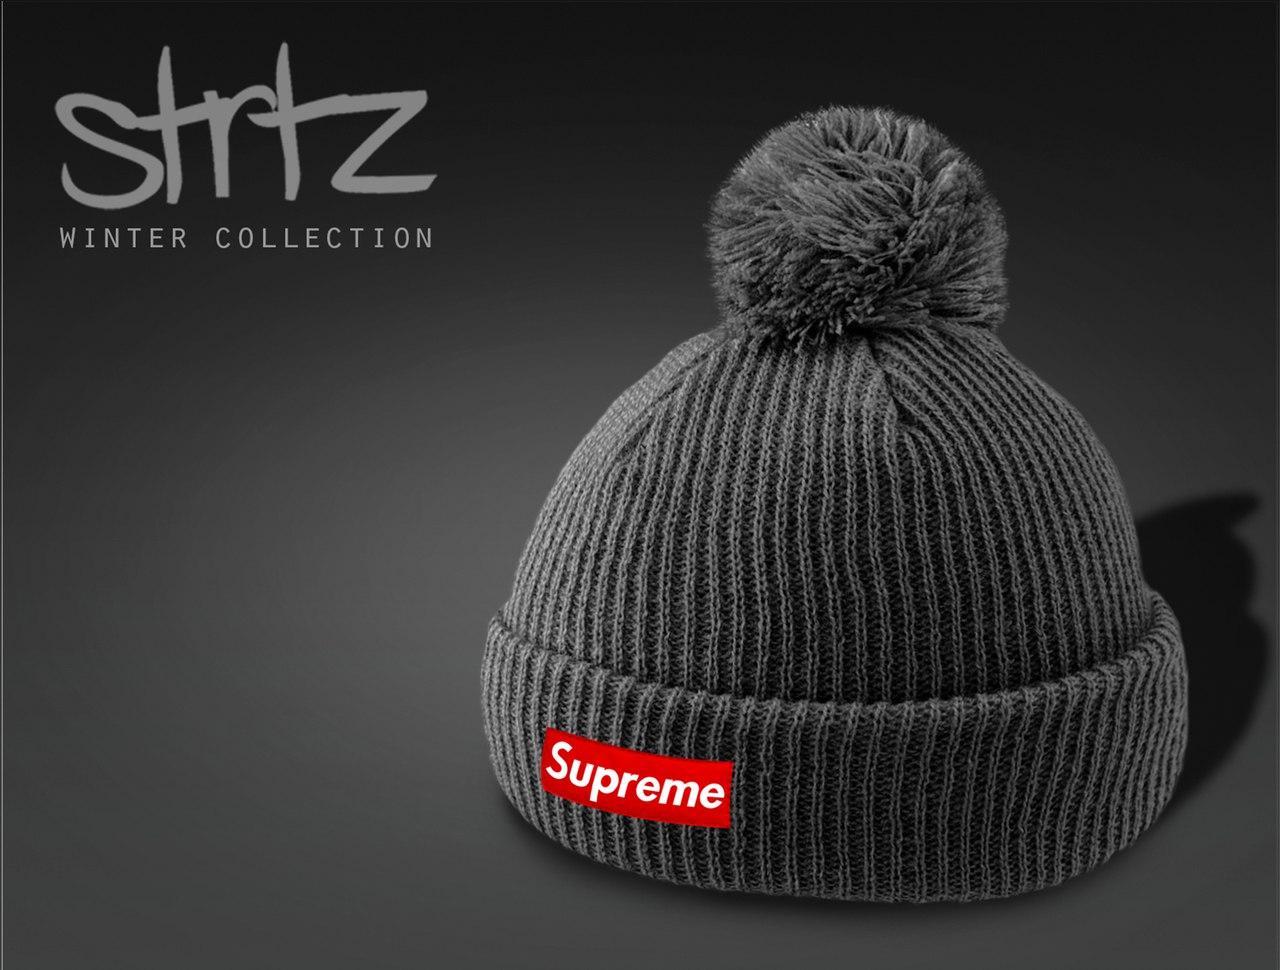 Теплая шапка на зиму с помпоном/бубоном суприм Supreme